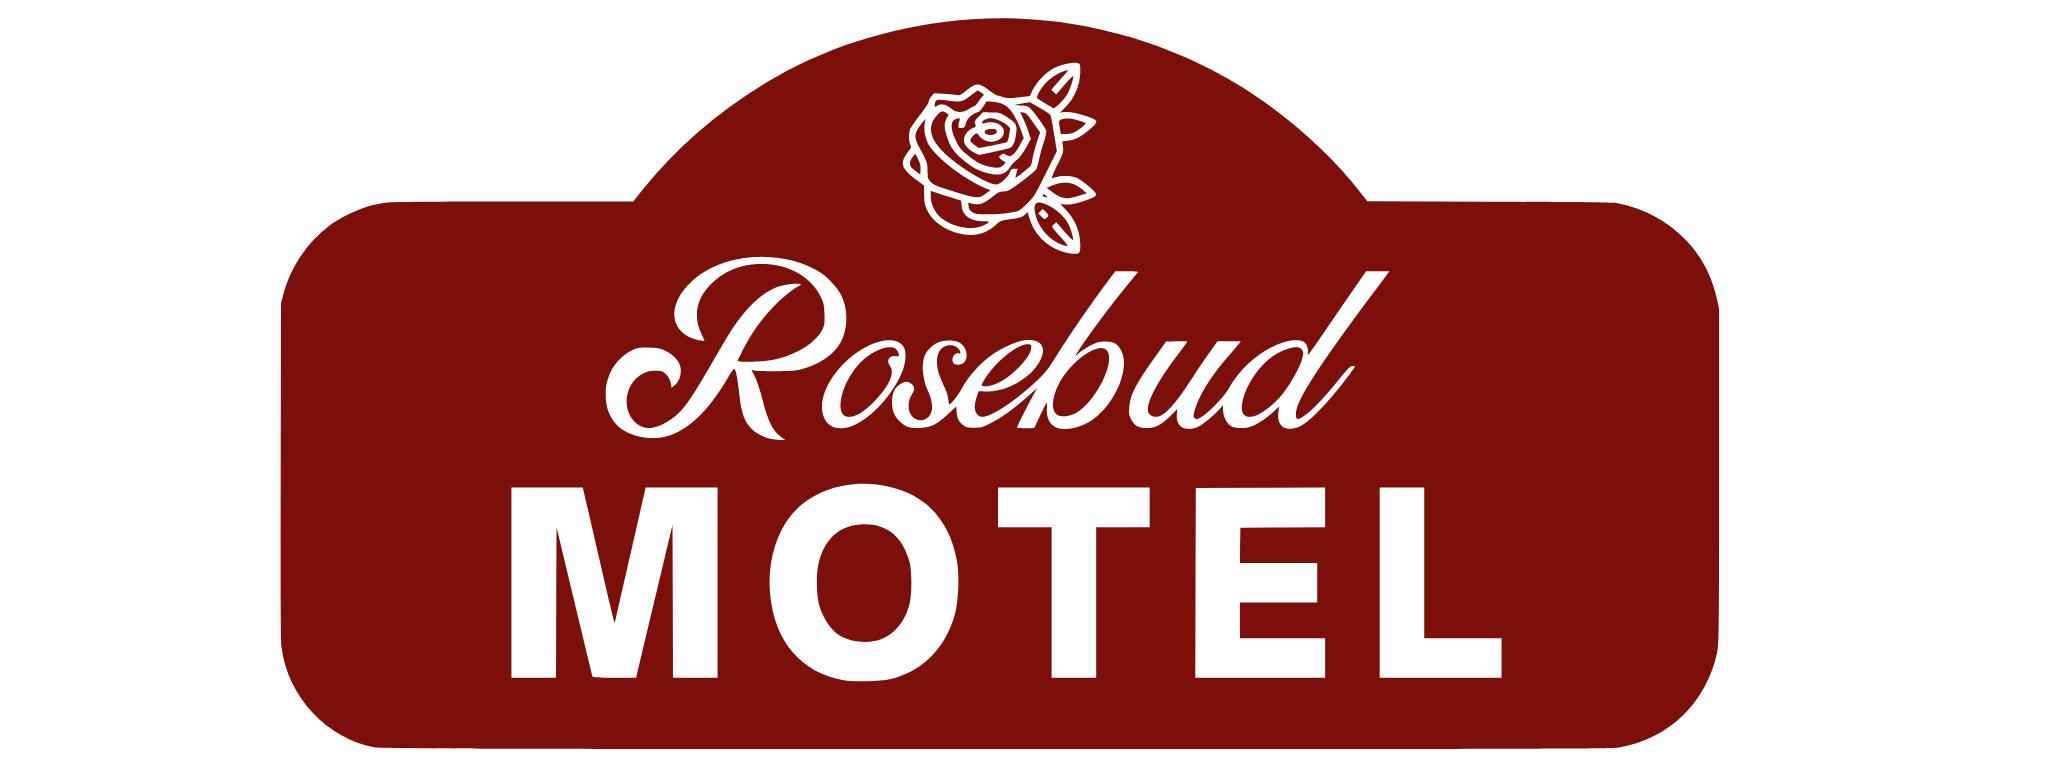 rosebud-motel.png